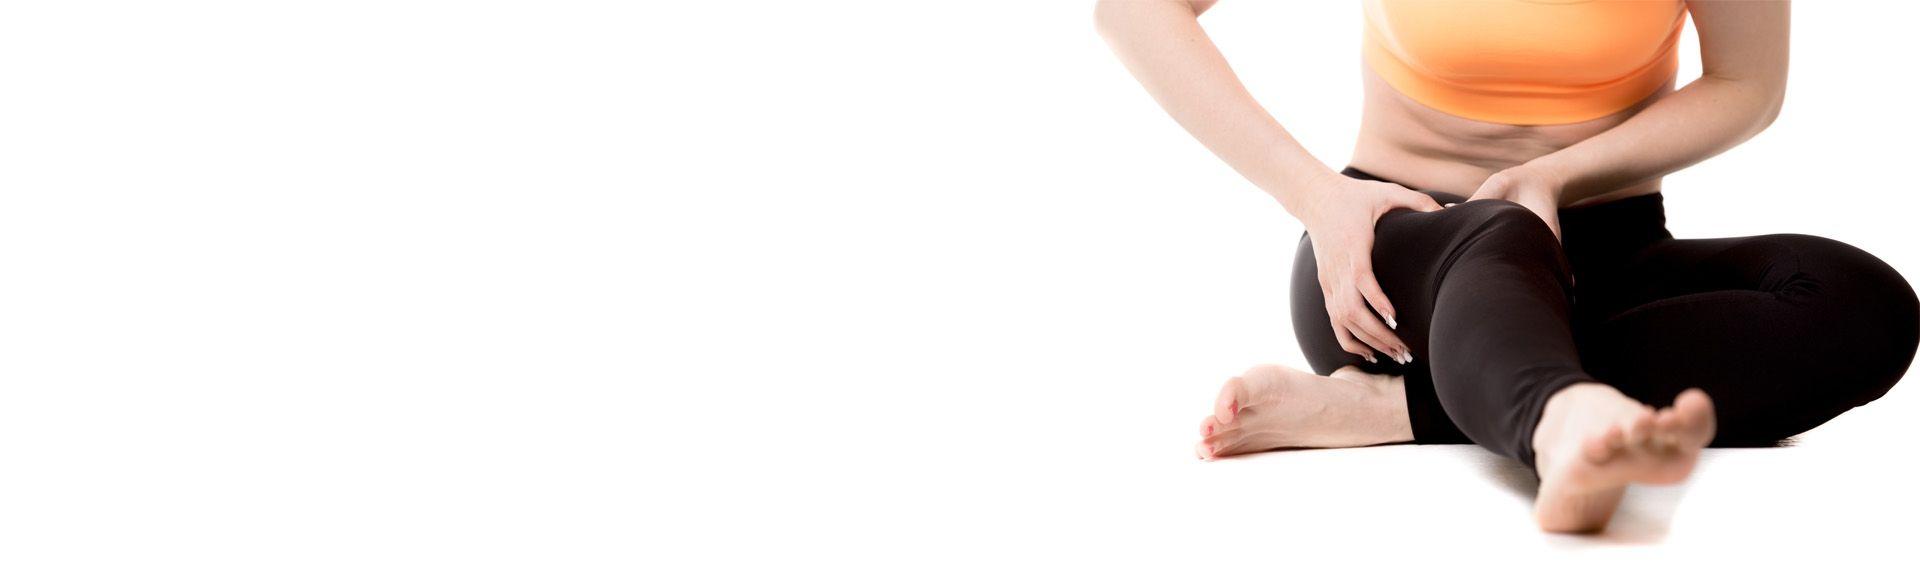 Менопауза и остеопороз: почему болят кости и суставы при климаксе